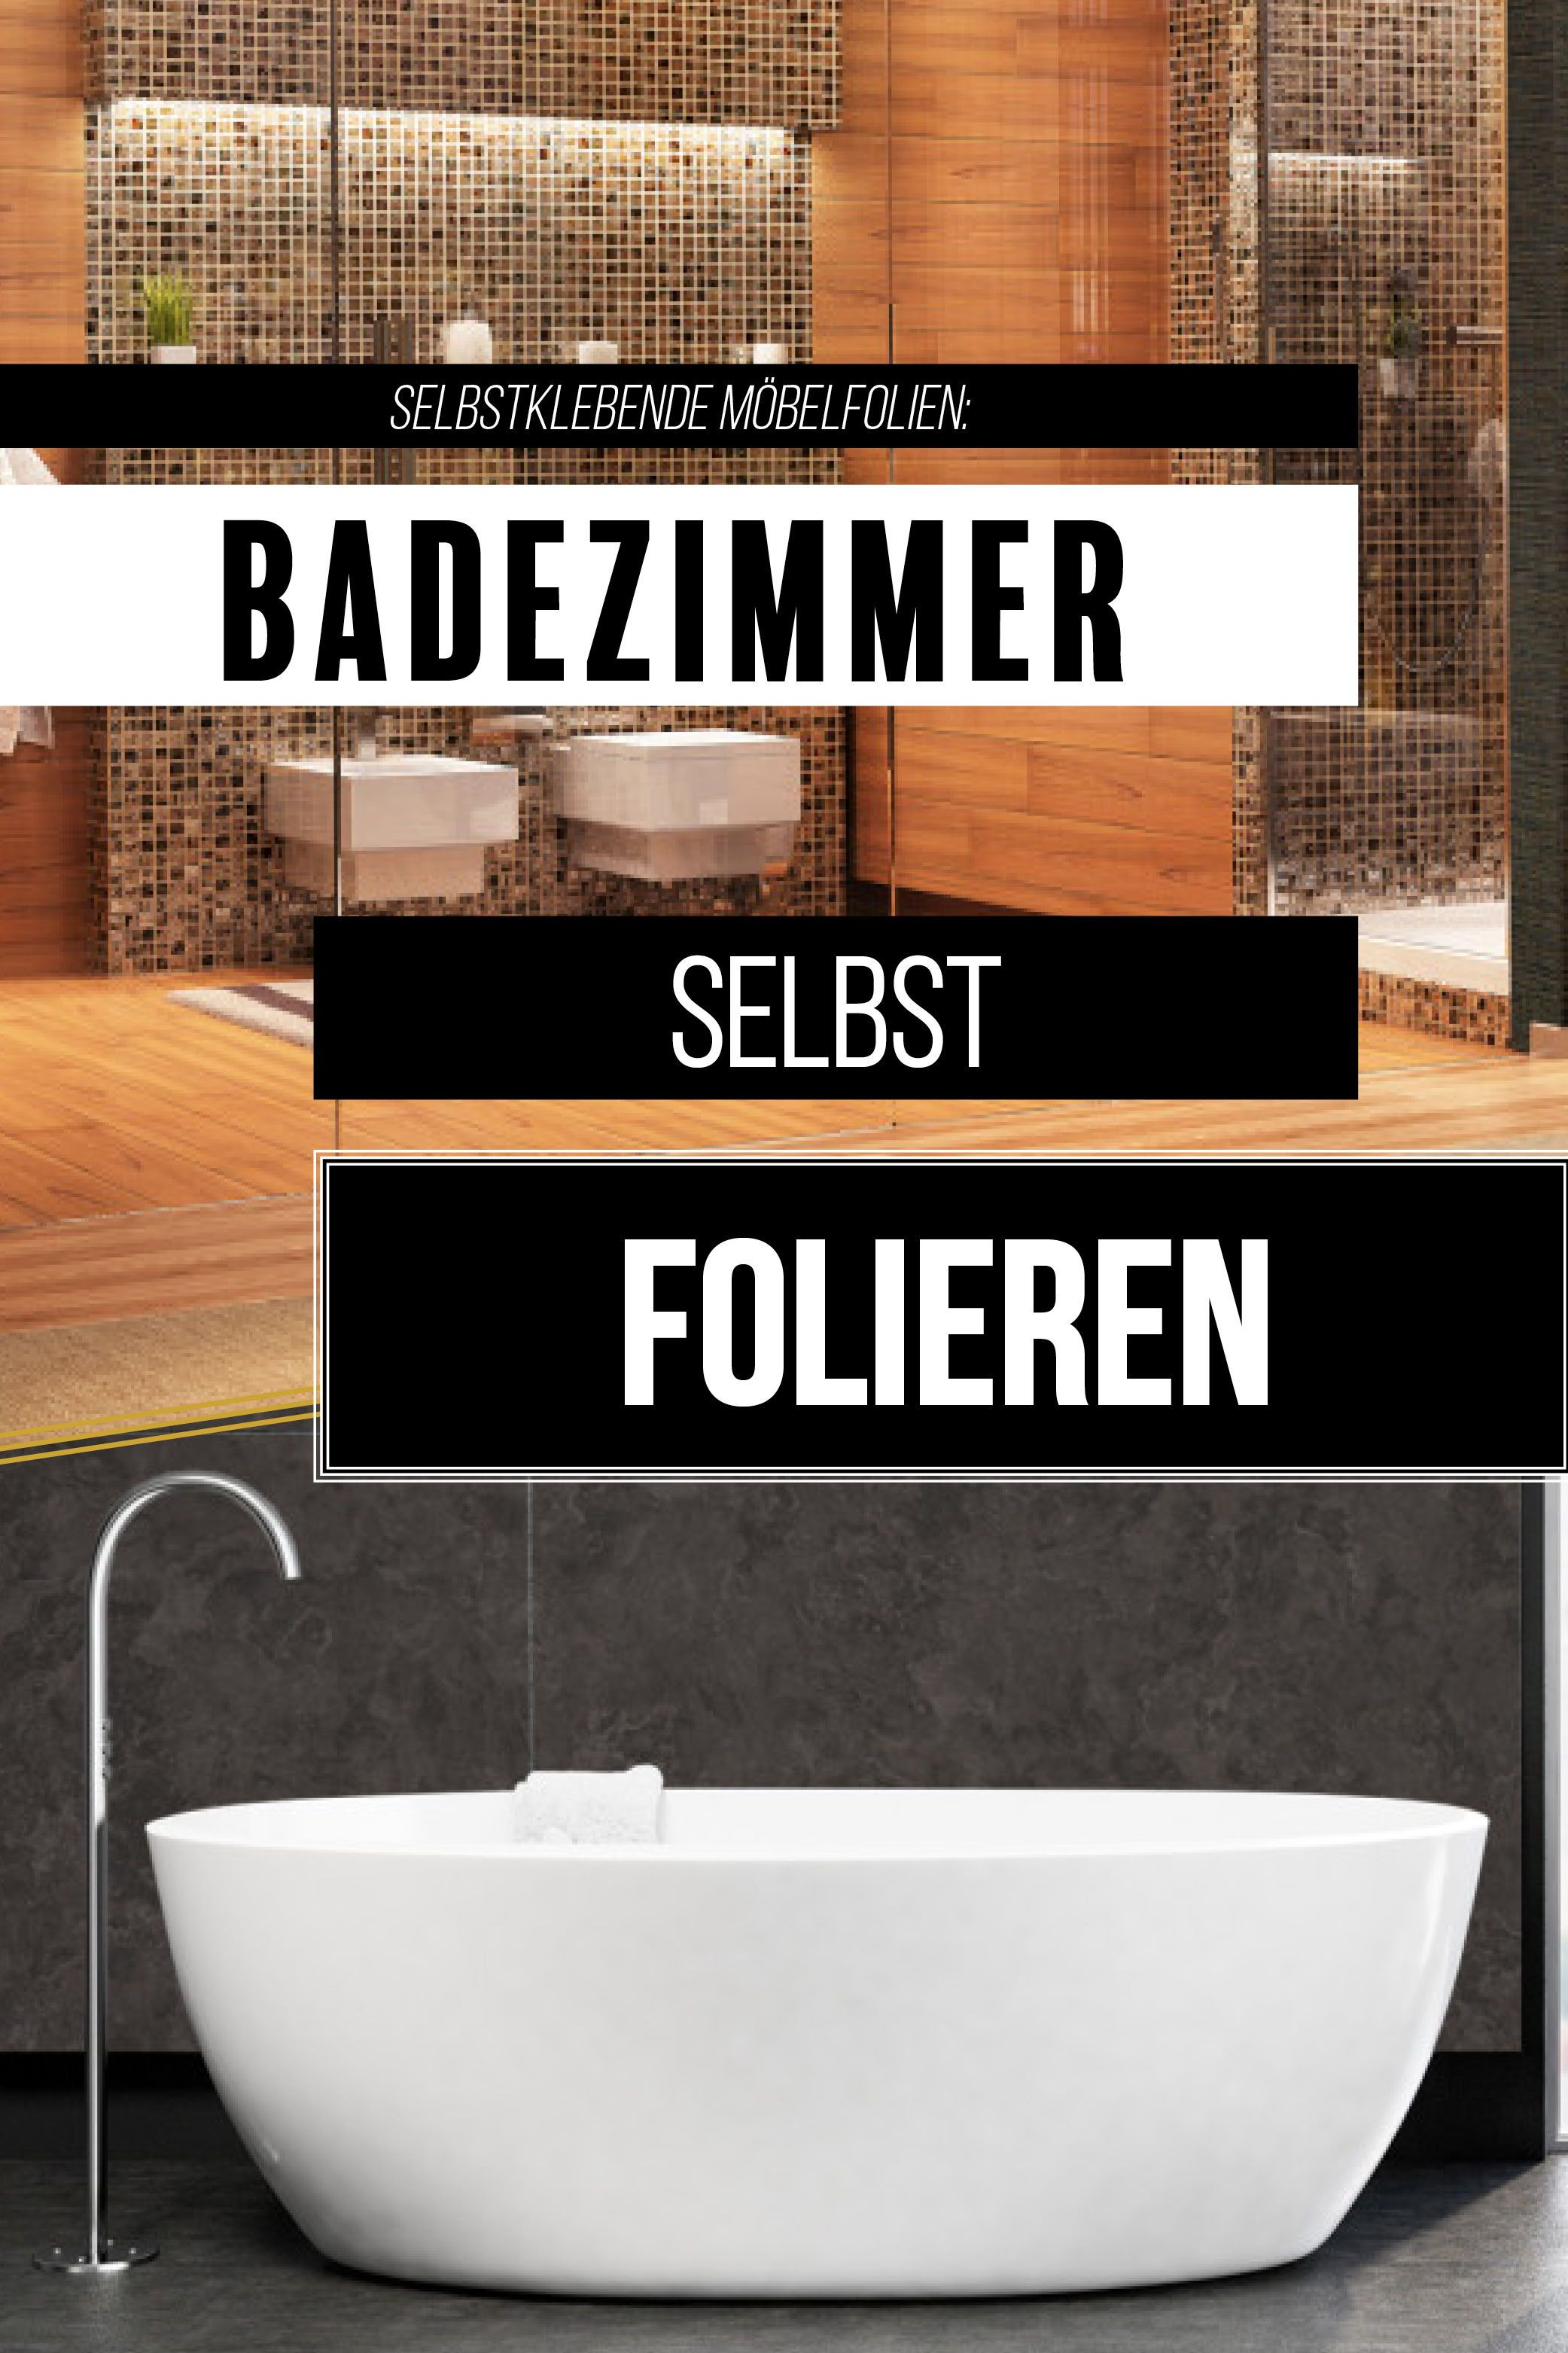 Badezimmer Folieren Mit Den Selbstklebenden Mobelfolien Schnell Und Ohne Aufwendige Renovierung Badezimmer Renovierung Baden